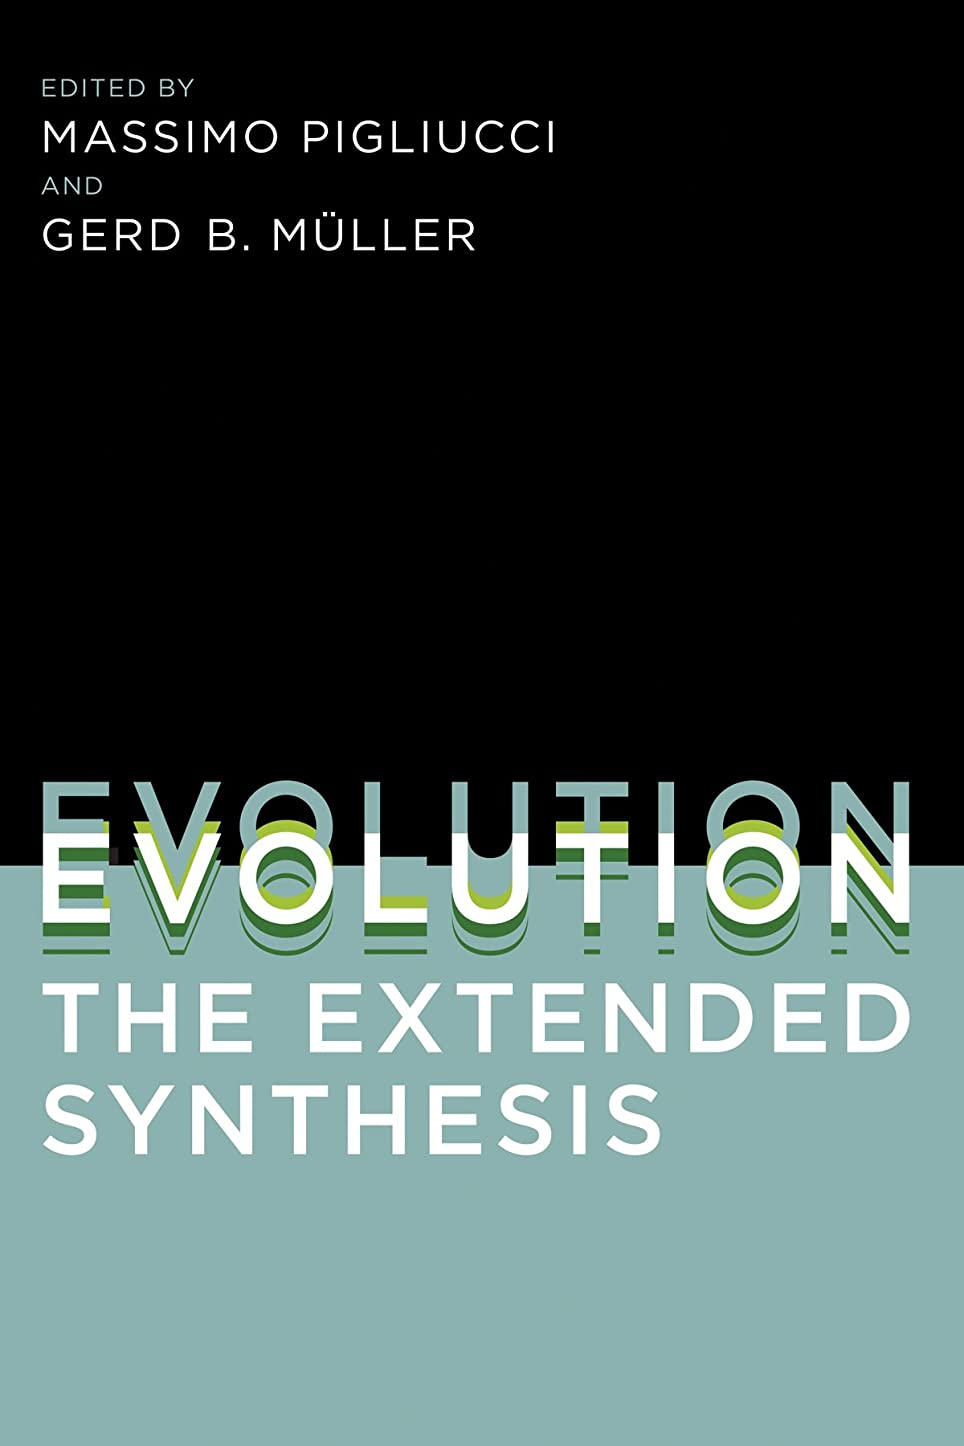 休眠チャーム飛行場Evolution, the Extended Synthesis (The MIT Press) (English Edition)